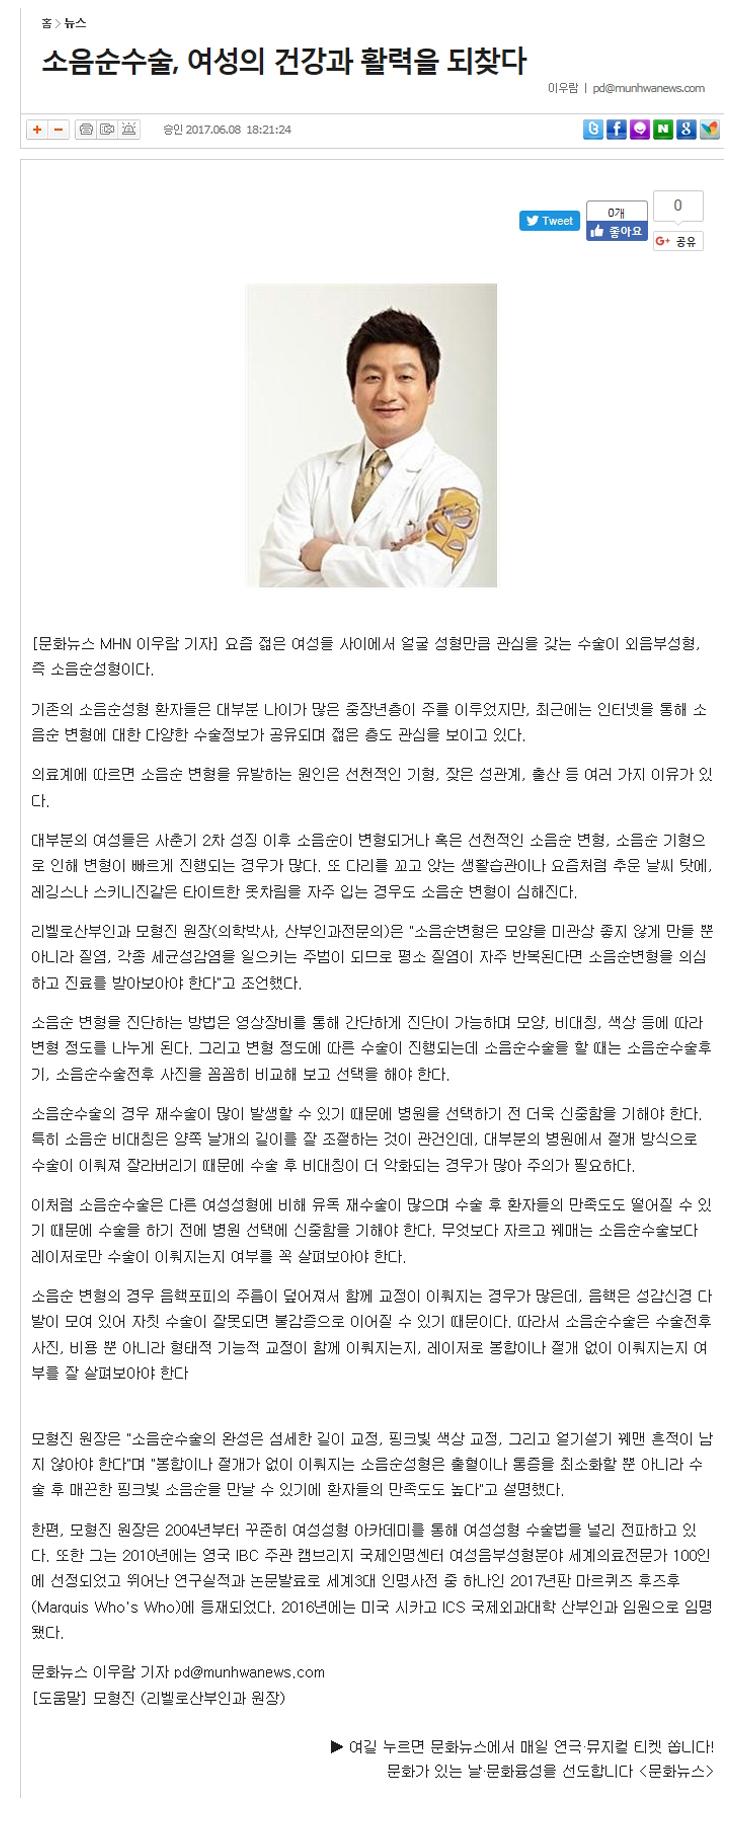 문화뉴스-20170609.jpg